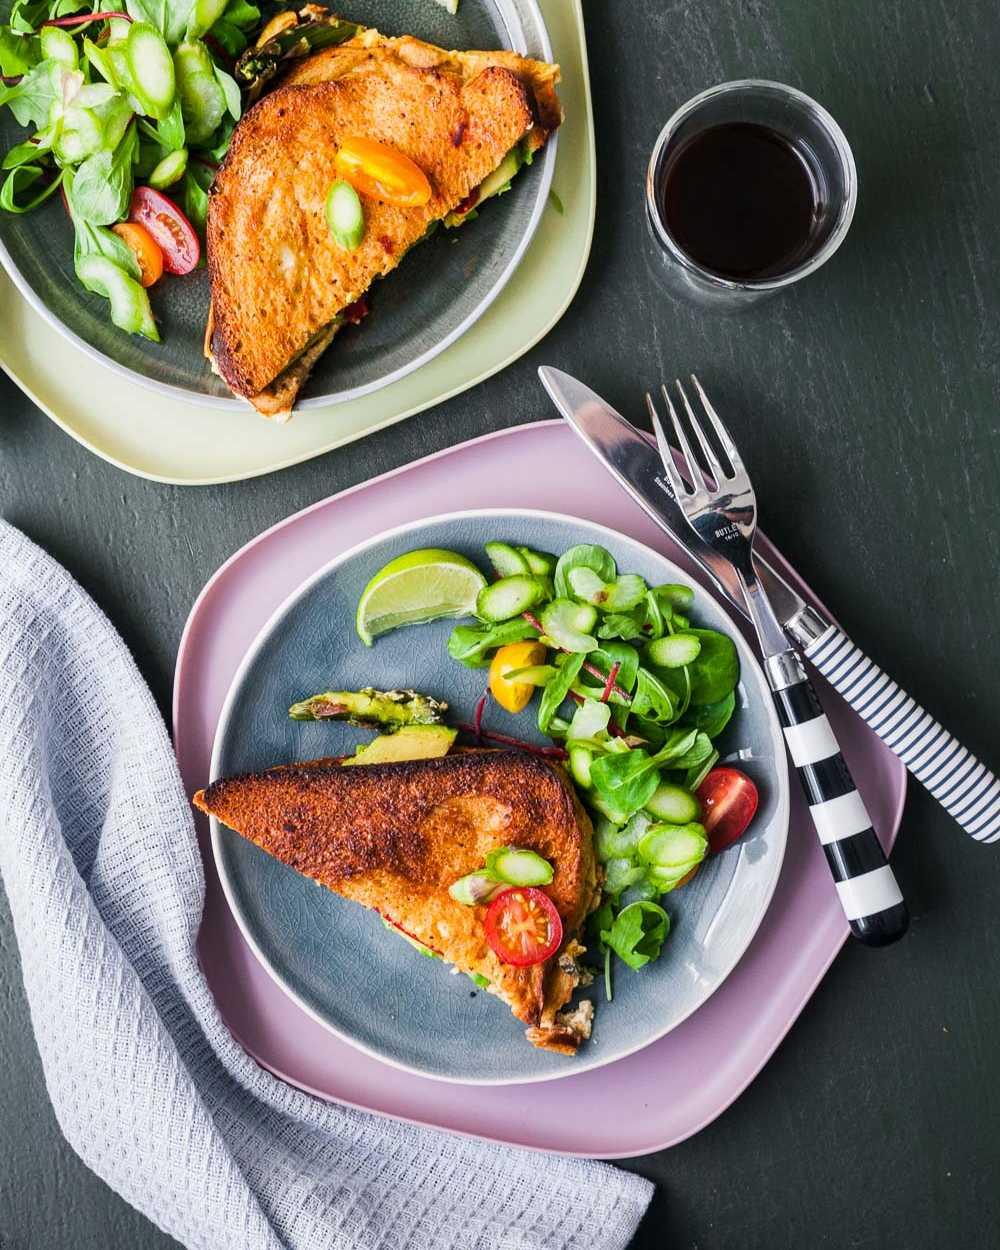 Herzhafter French Toast mit Avocado aus dem Ofen mit Spargelsaalt  GourmetGuerilla.de  GourmetGuerilla.de